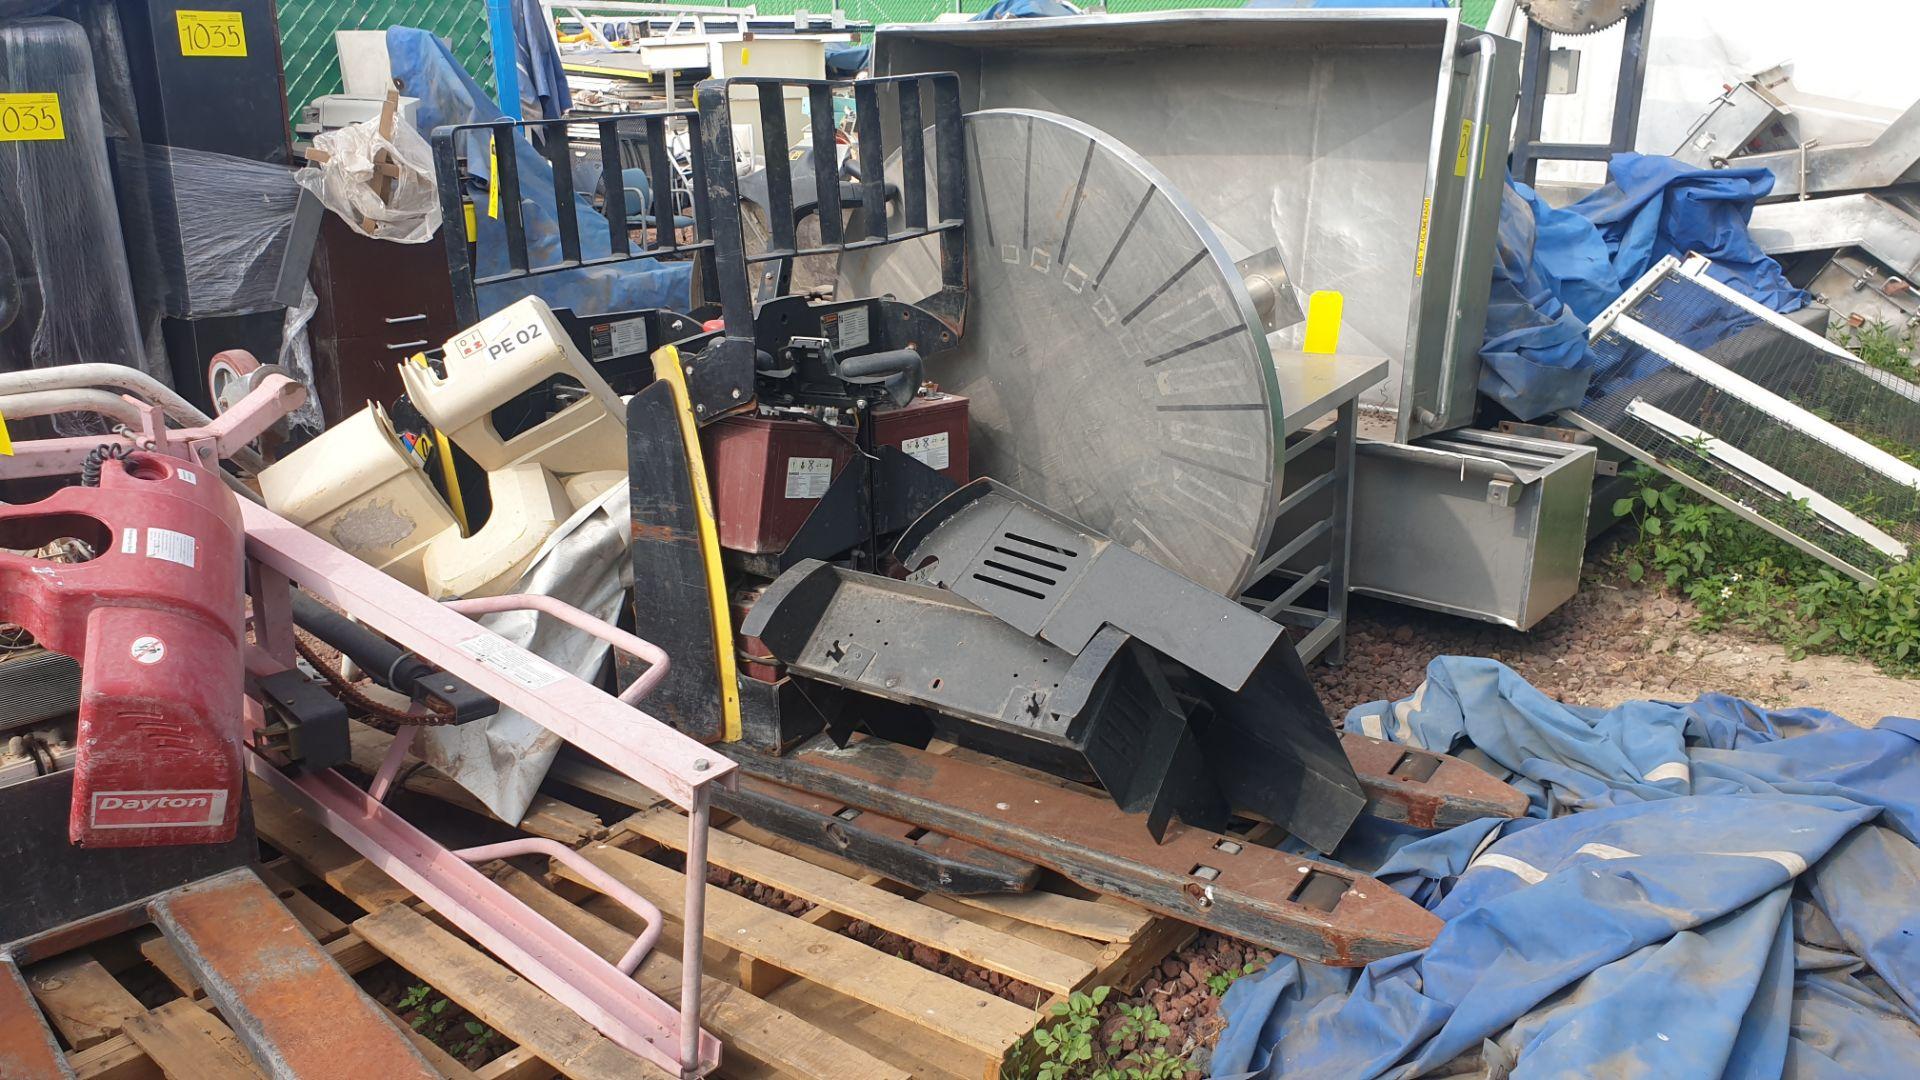 2 HYSTER lift pallet truck model W45ZHD 24 V , 1 DAYTON lift pallet truck model 21XV82 - Image 10 of 21